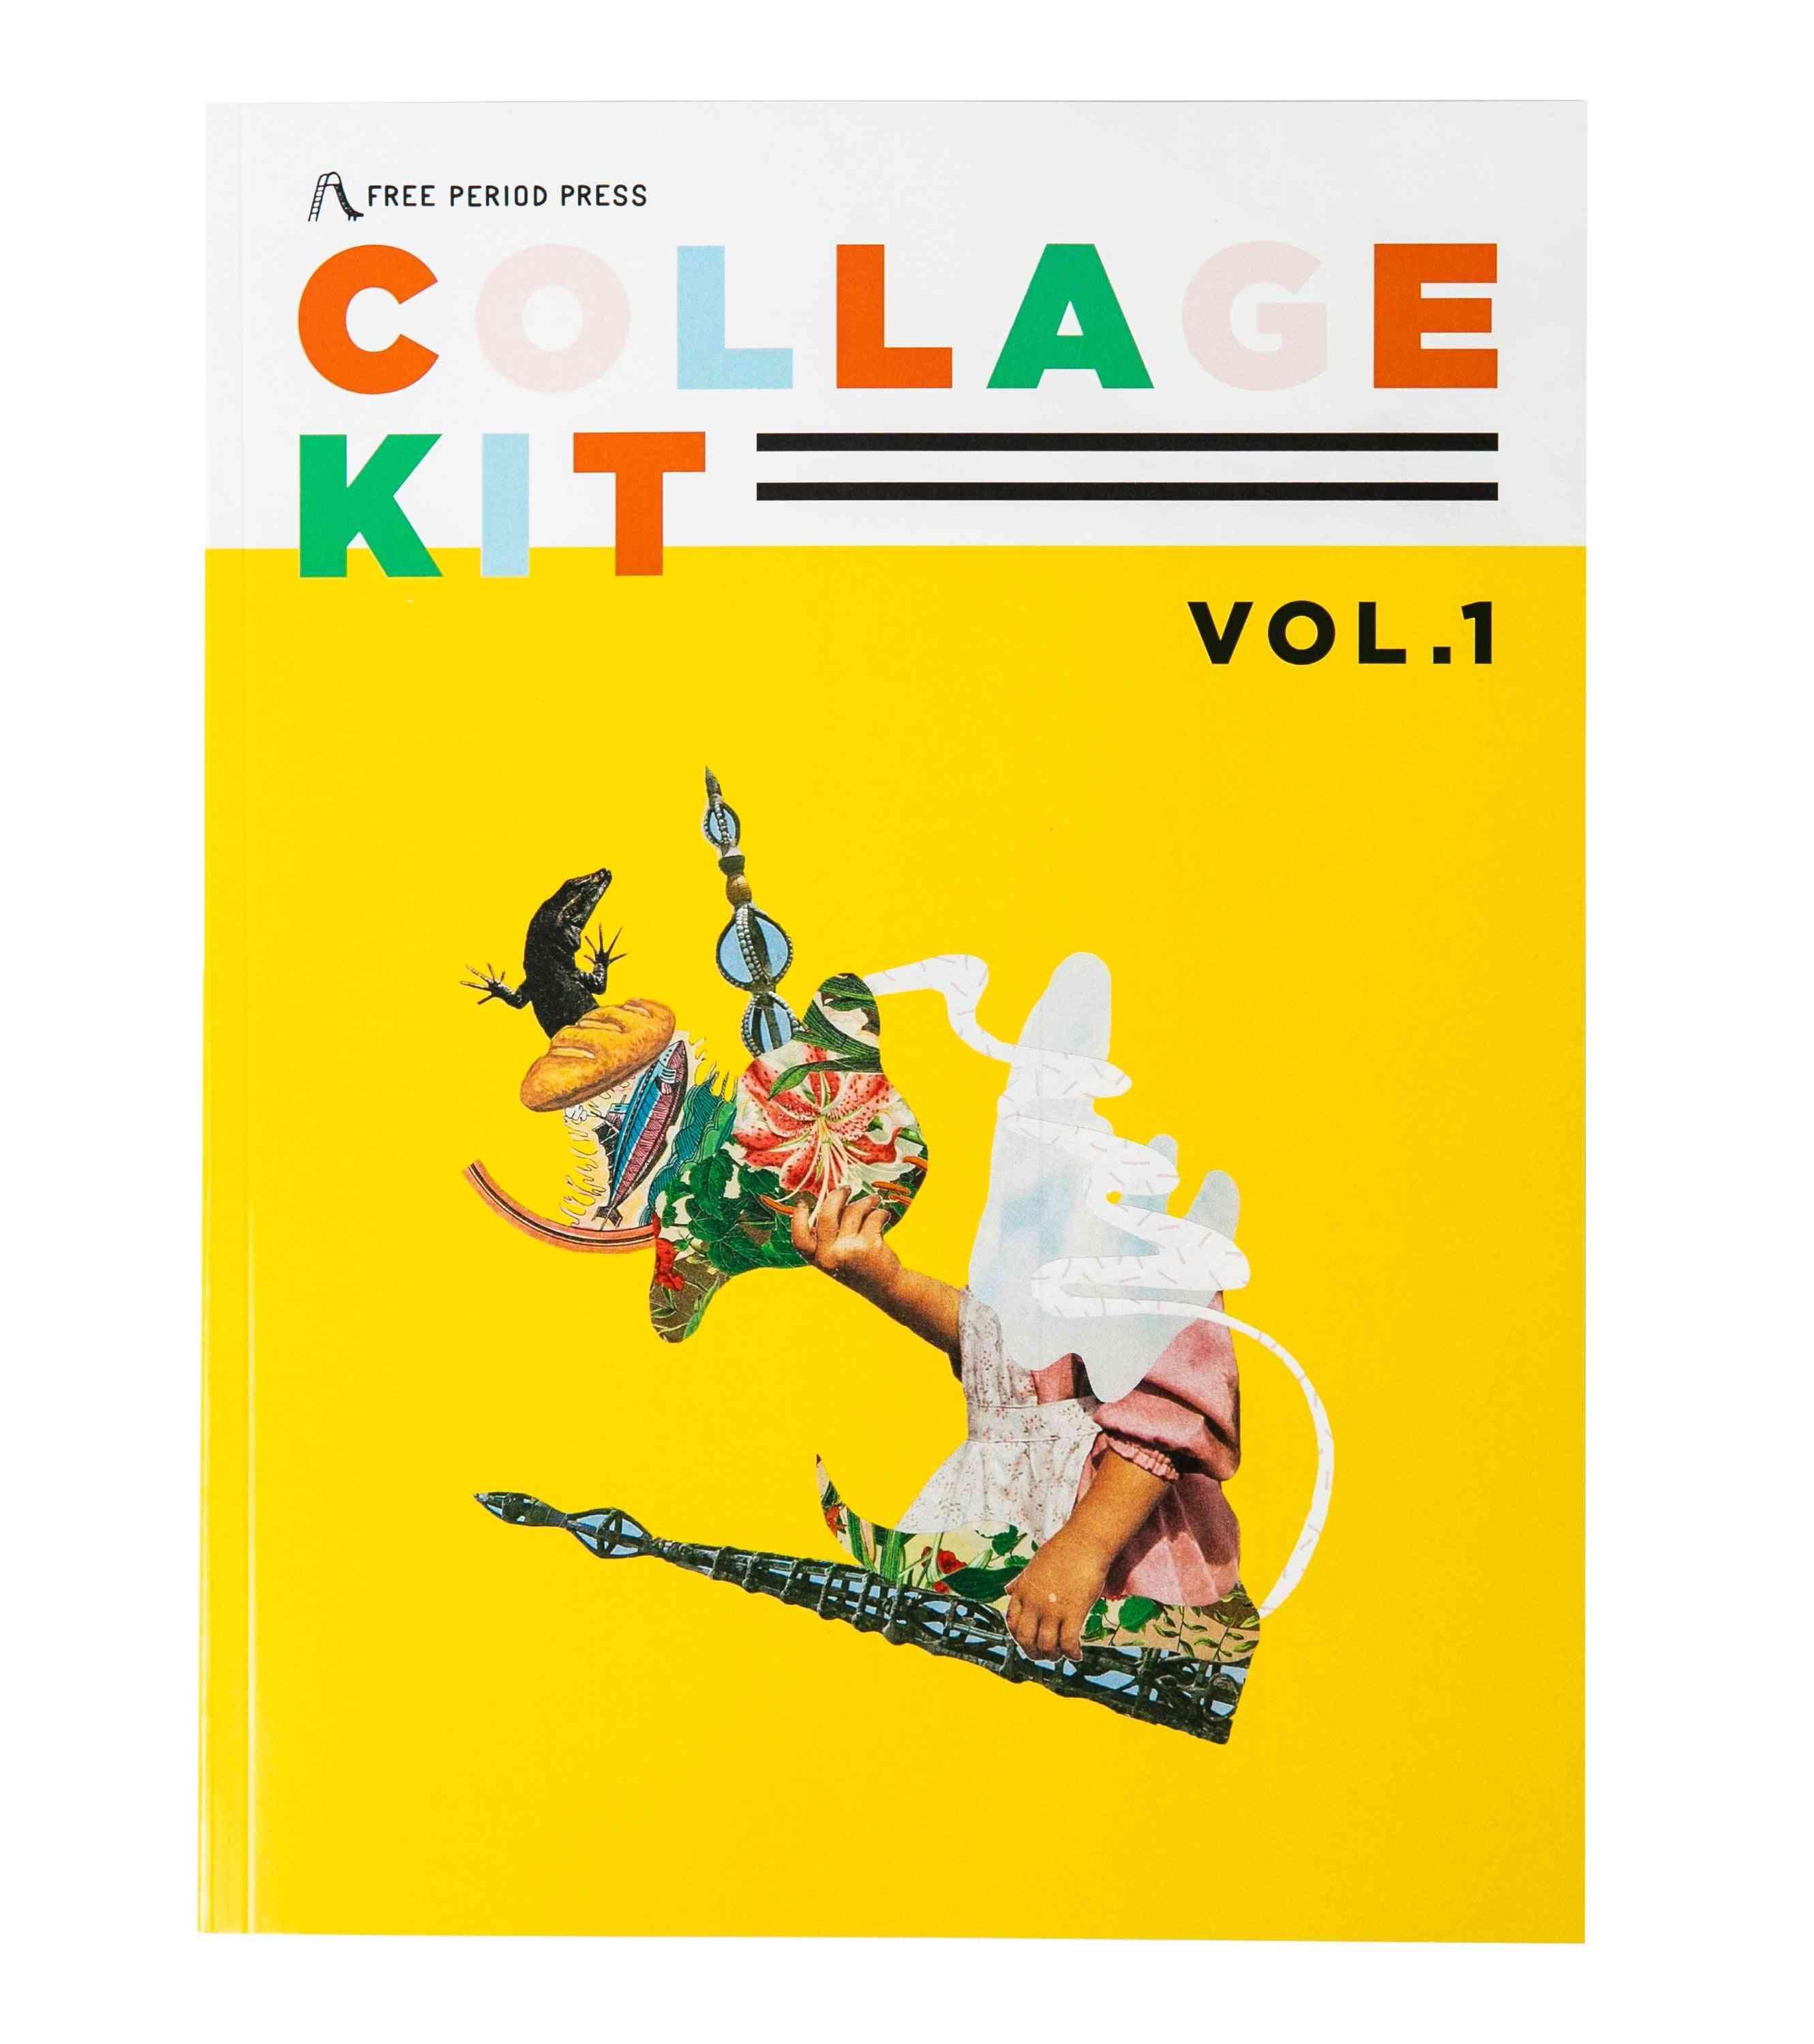 Diy Collage Kit Magazine